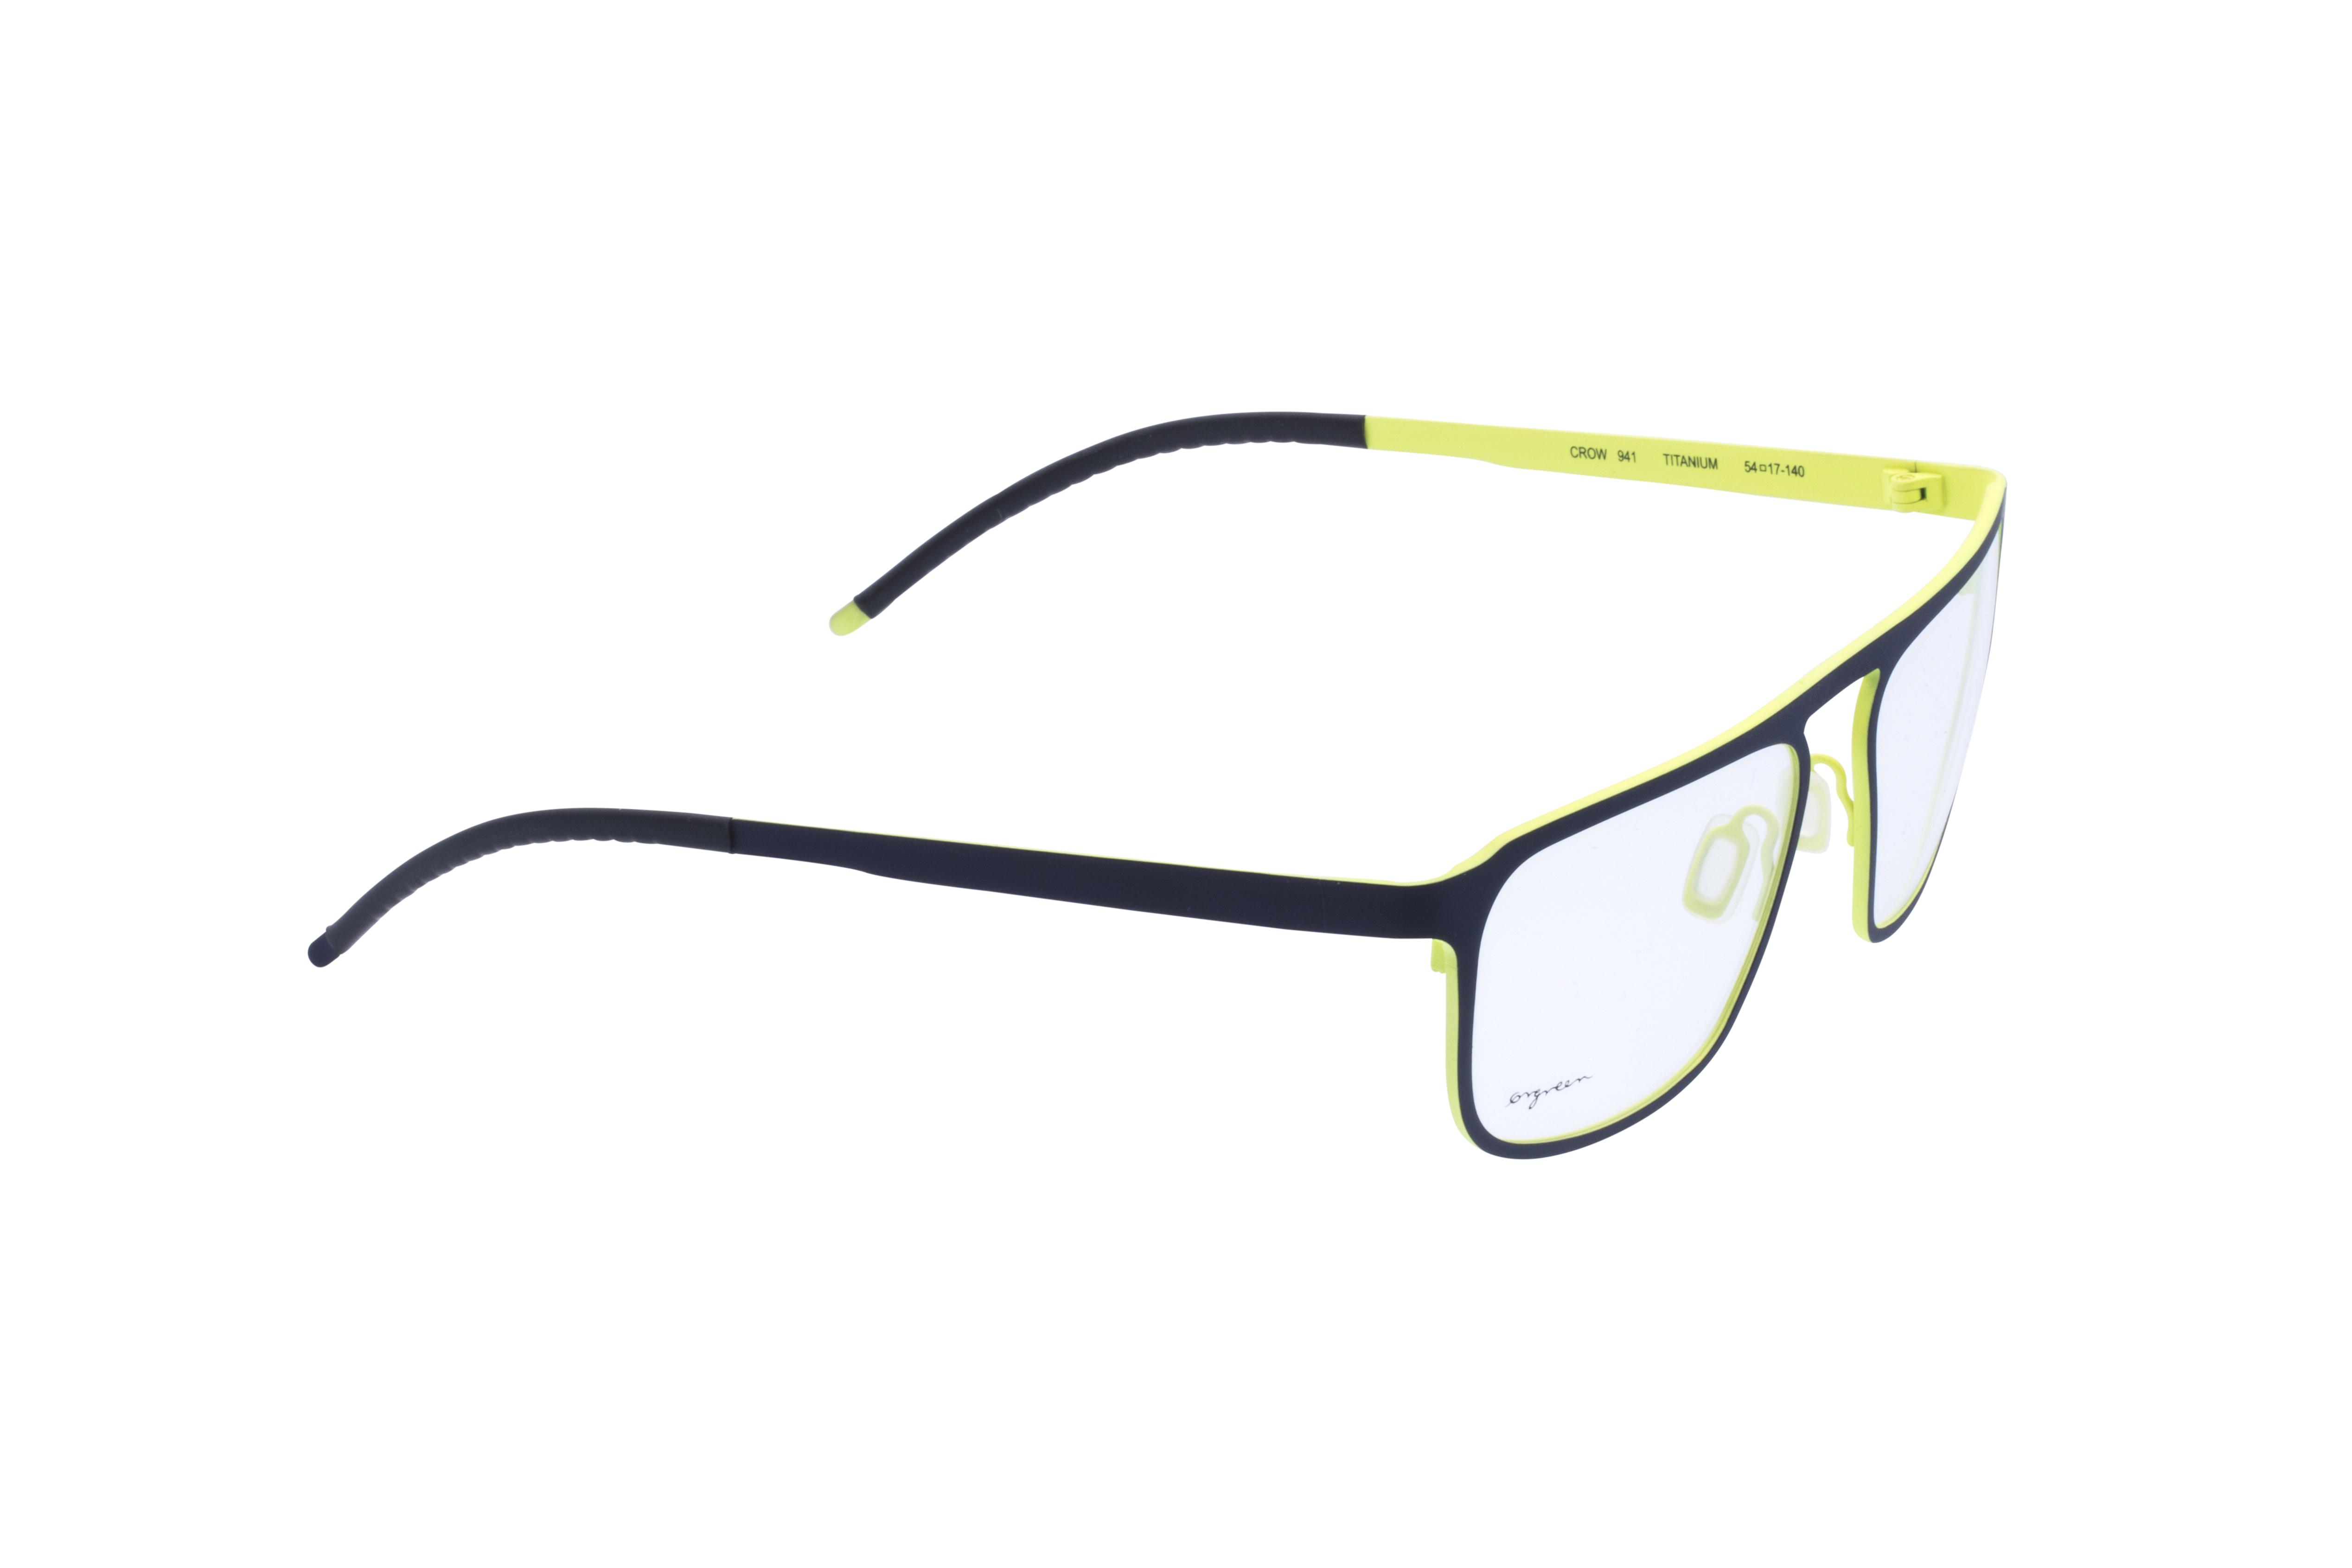 360 Grad Ansicht 4 Orgreen Crow, Brille auf Weiß - Fassung bei KUNK